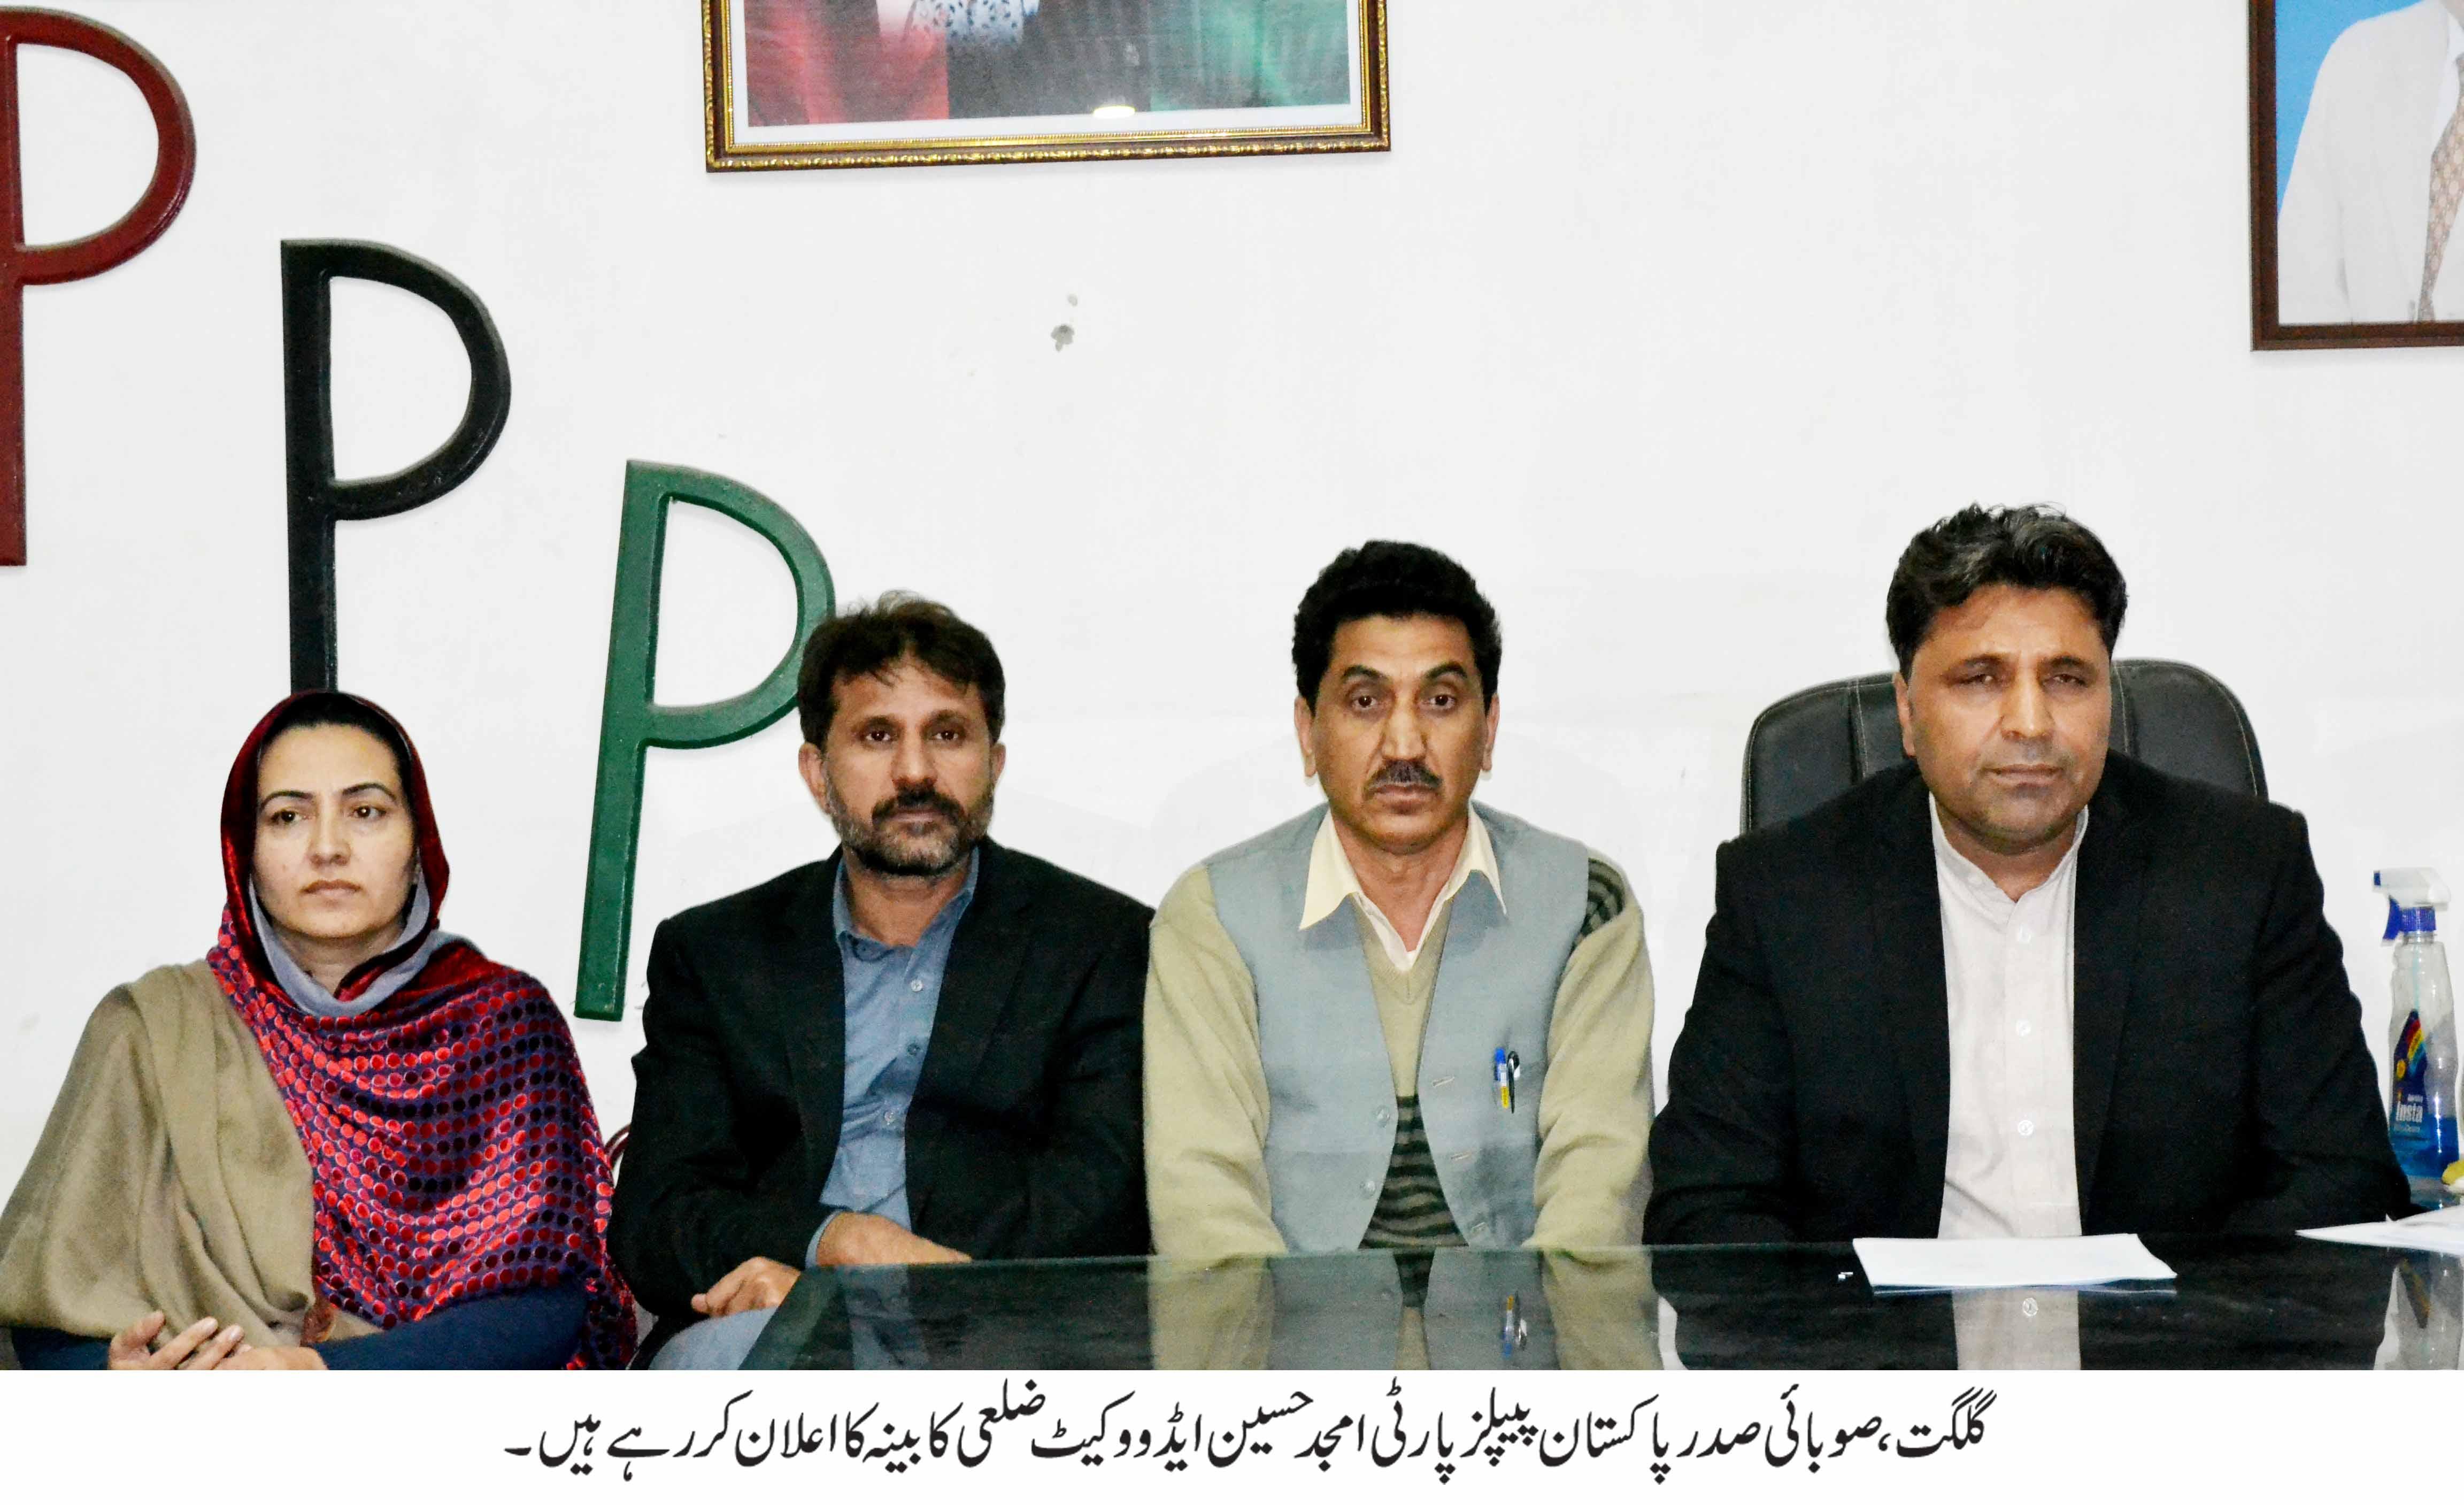 پاکستان پیپلز پارٹی نے سات اضلاع کے عہدیداروں کا اعلان کردیا